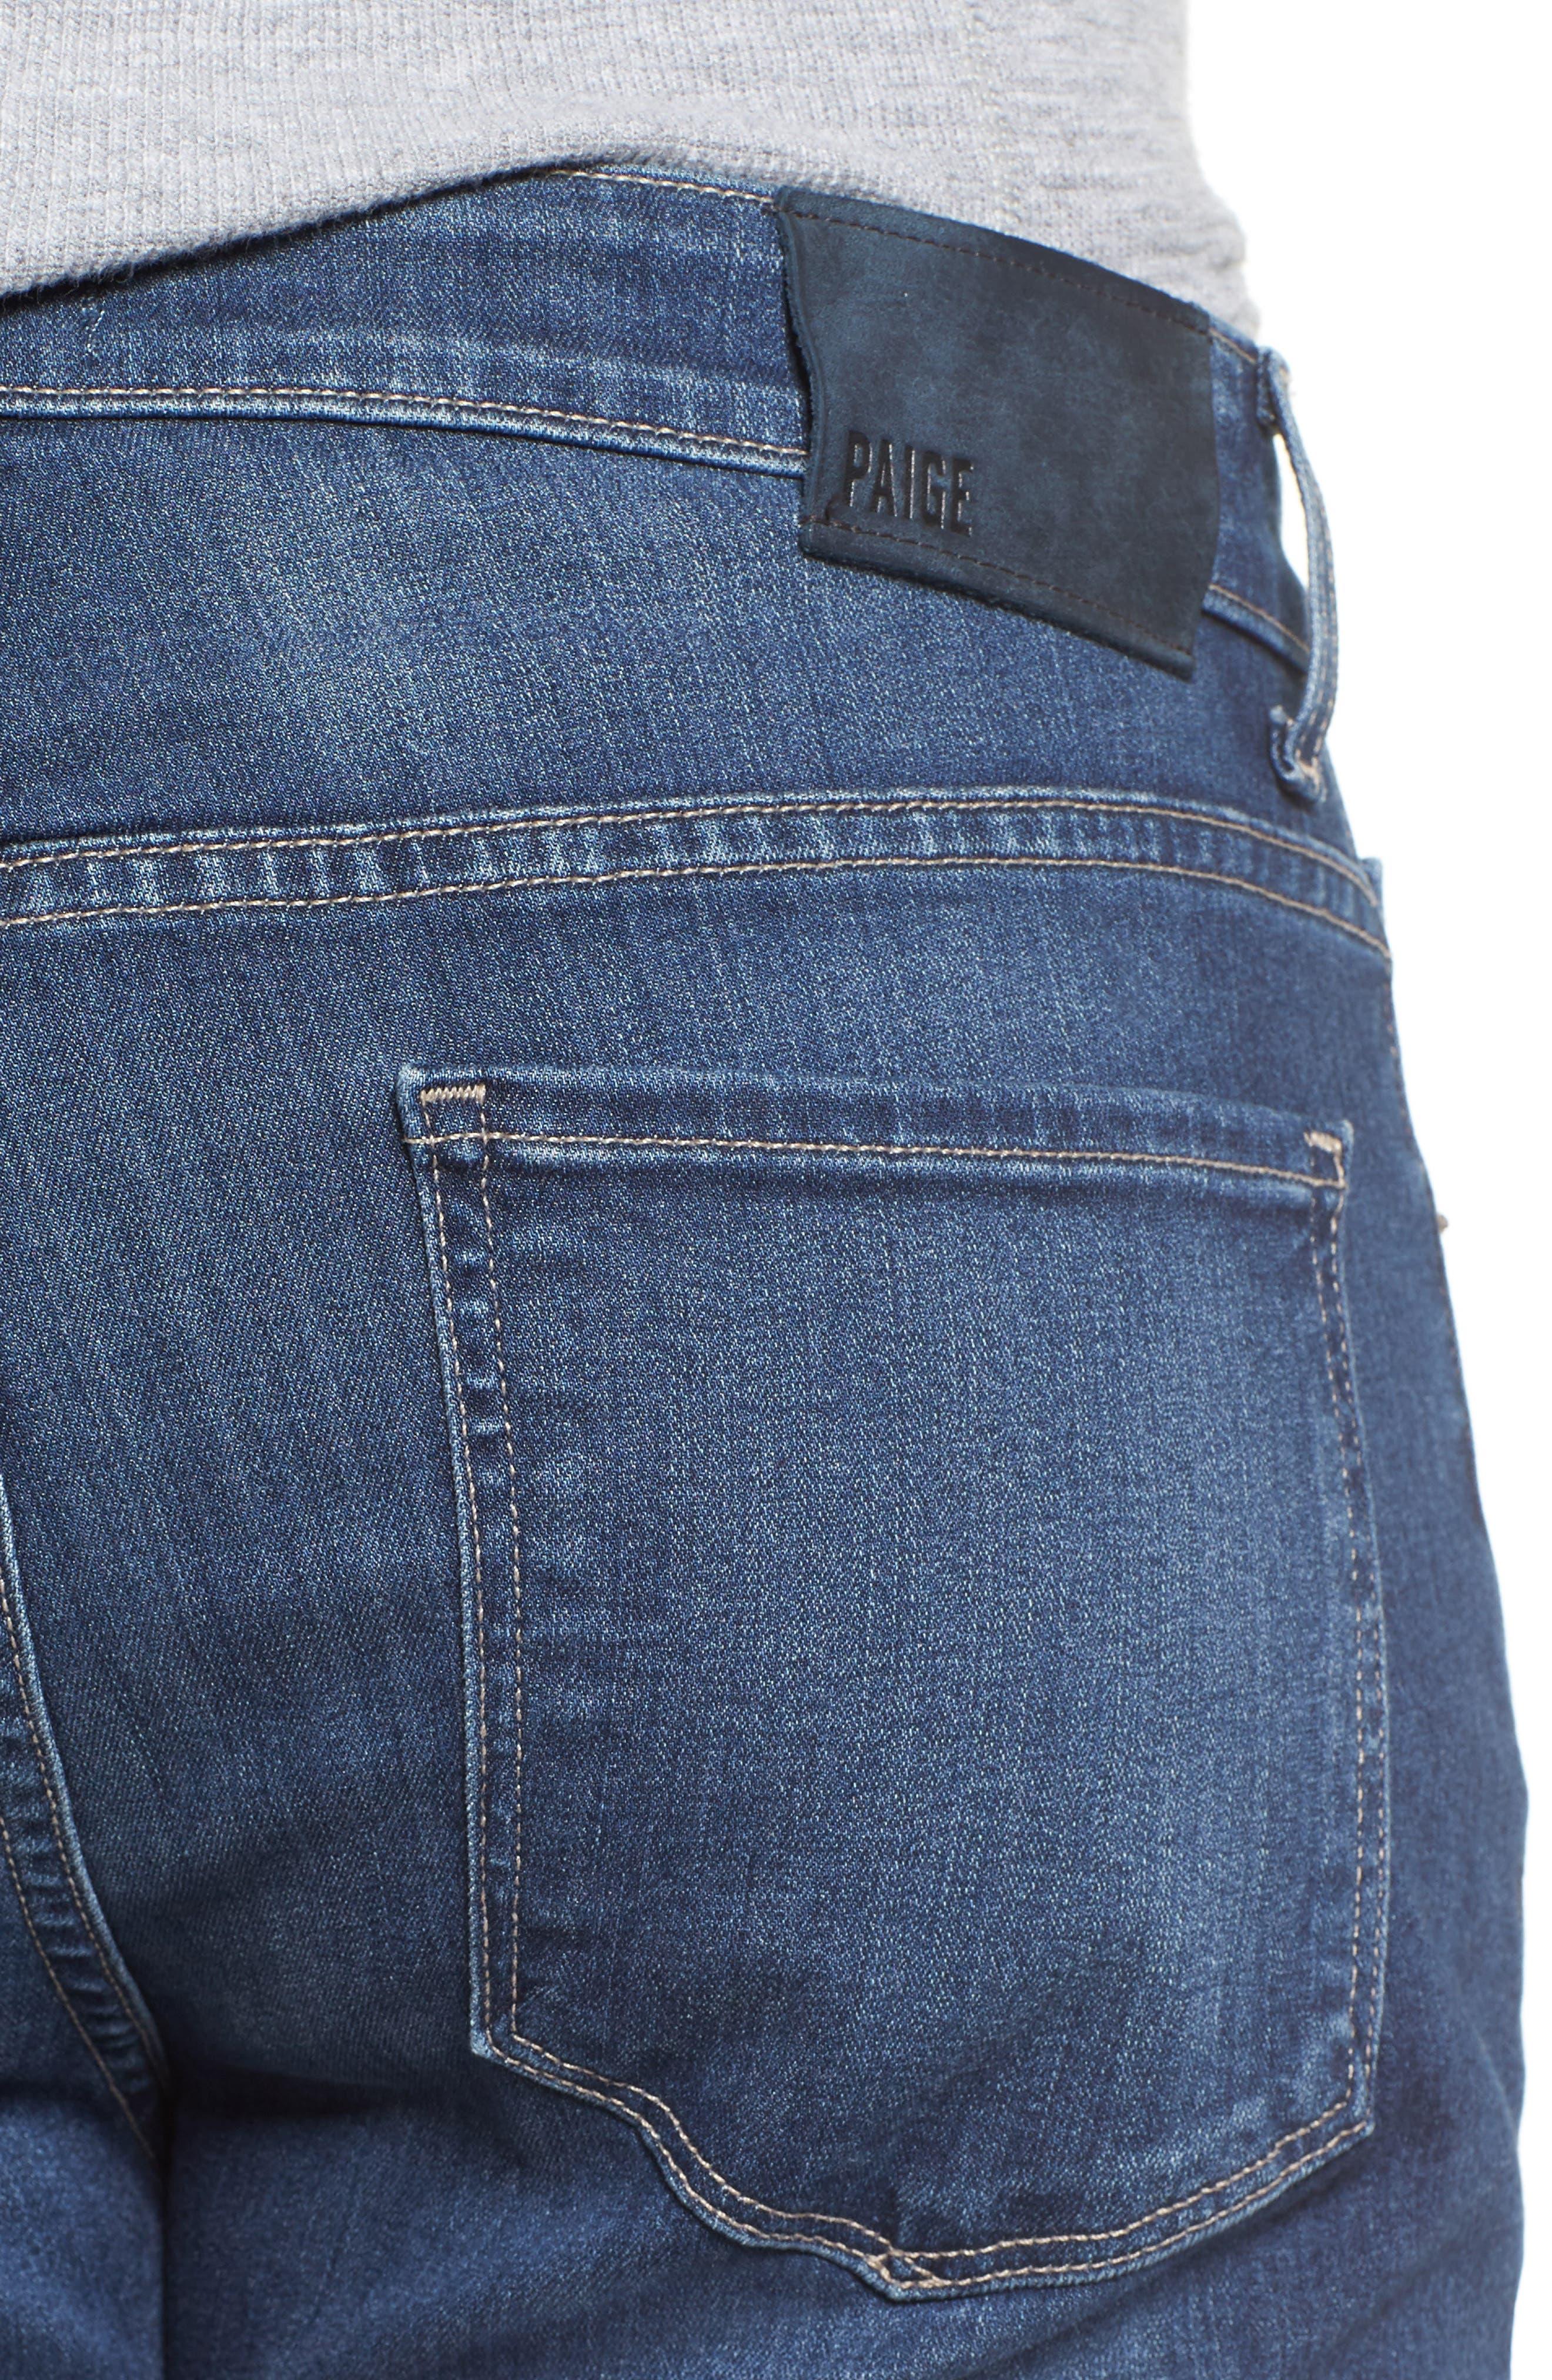 Transcend - Lennox Straight Leg Jeans,                             Alternate thumbnail 4, color,                             Leo